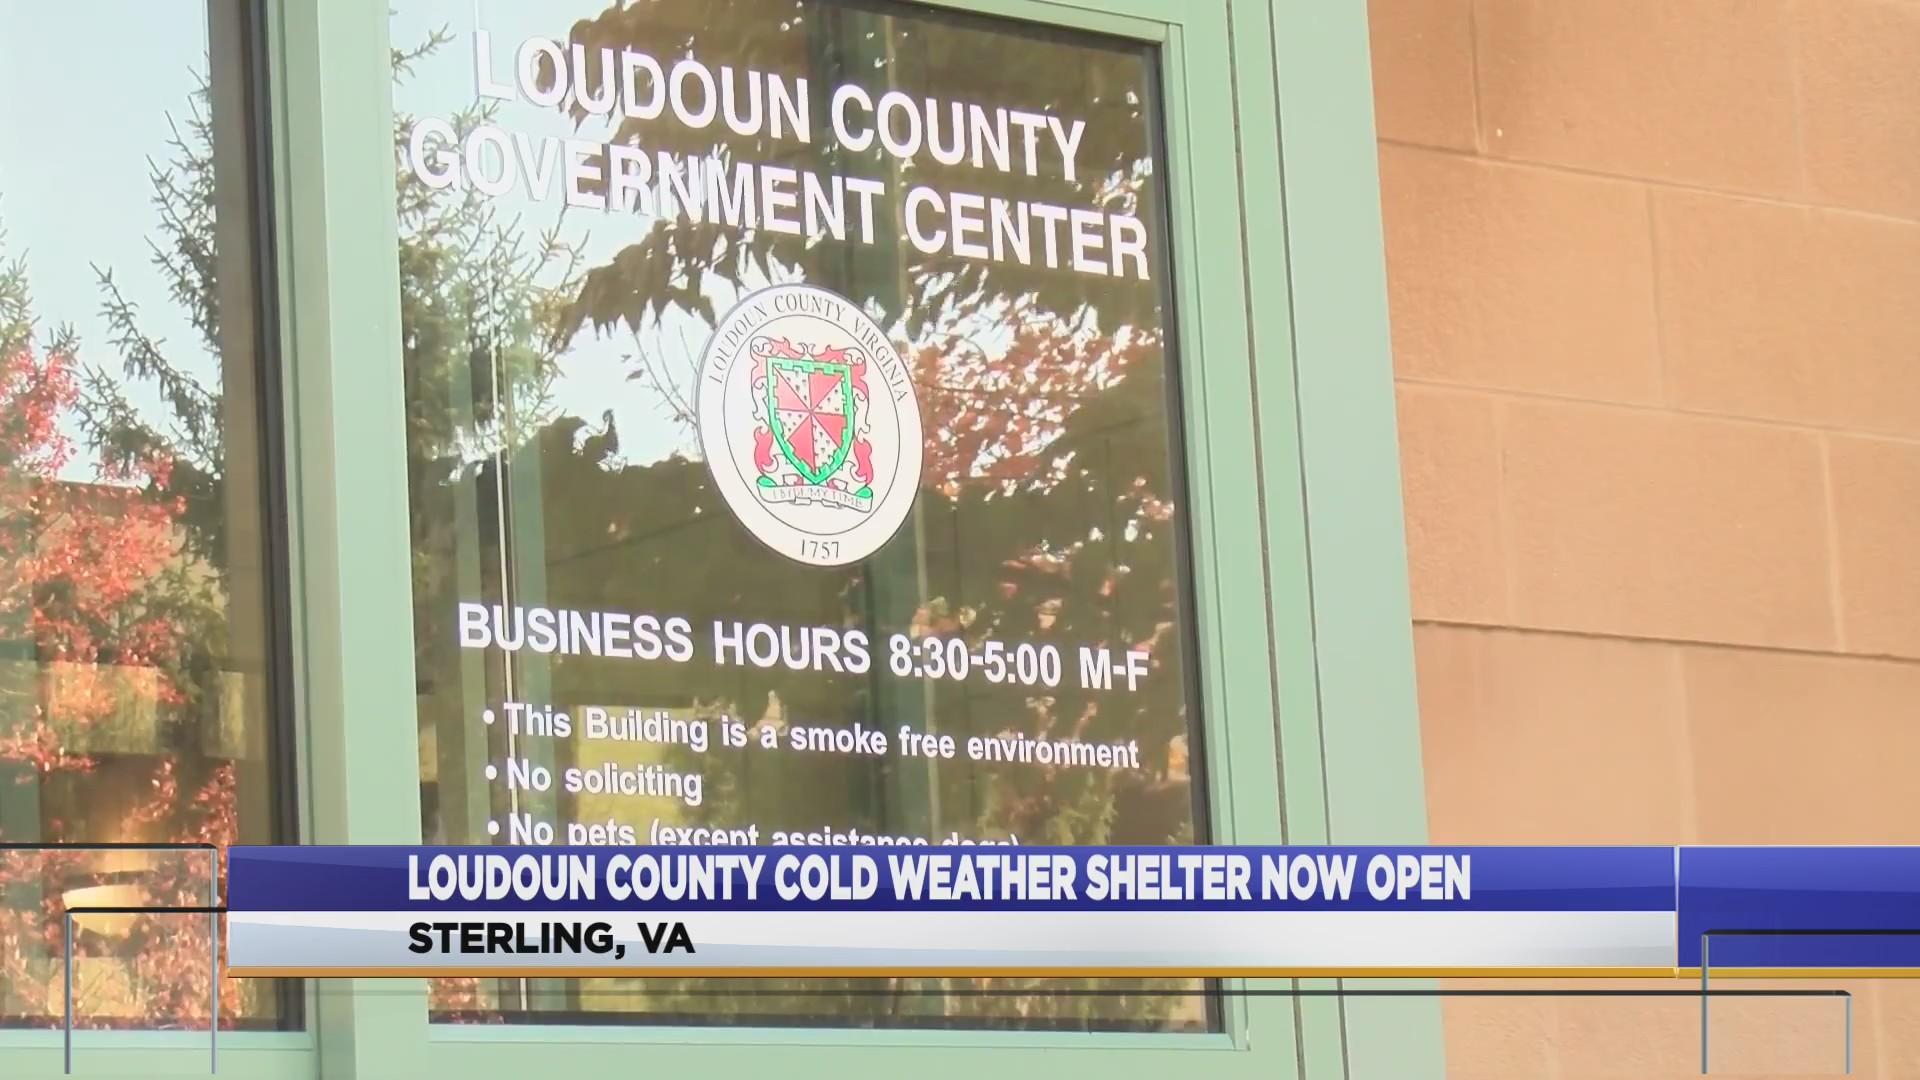 Loudoun_County_shelter_open_0_20181116234730